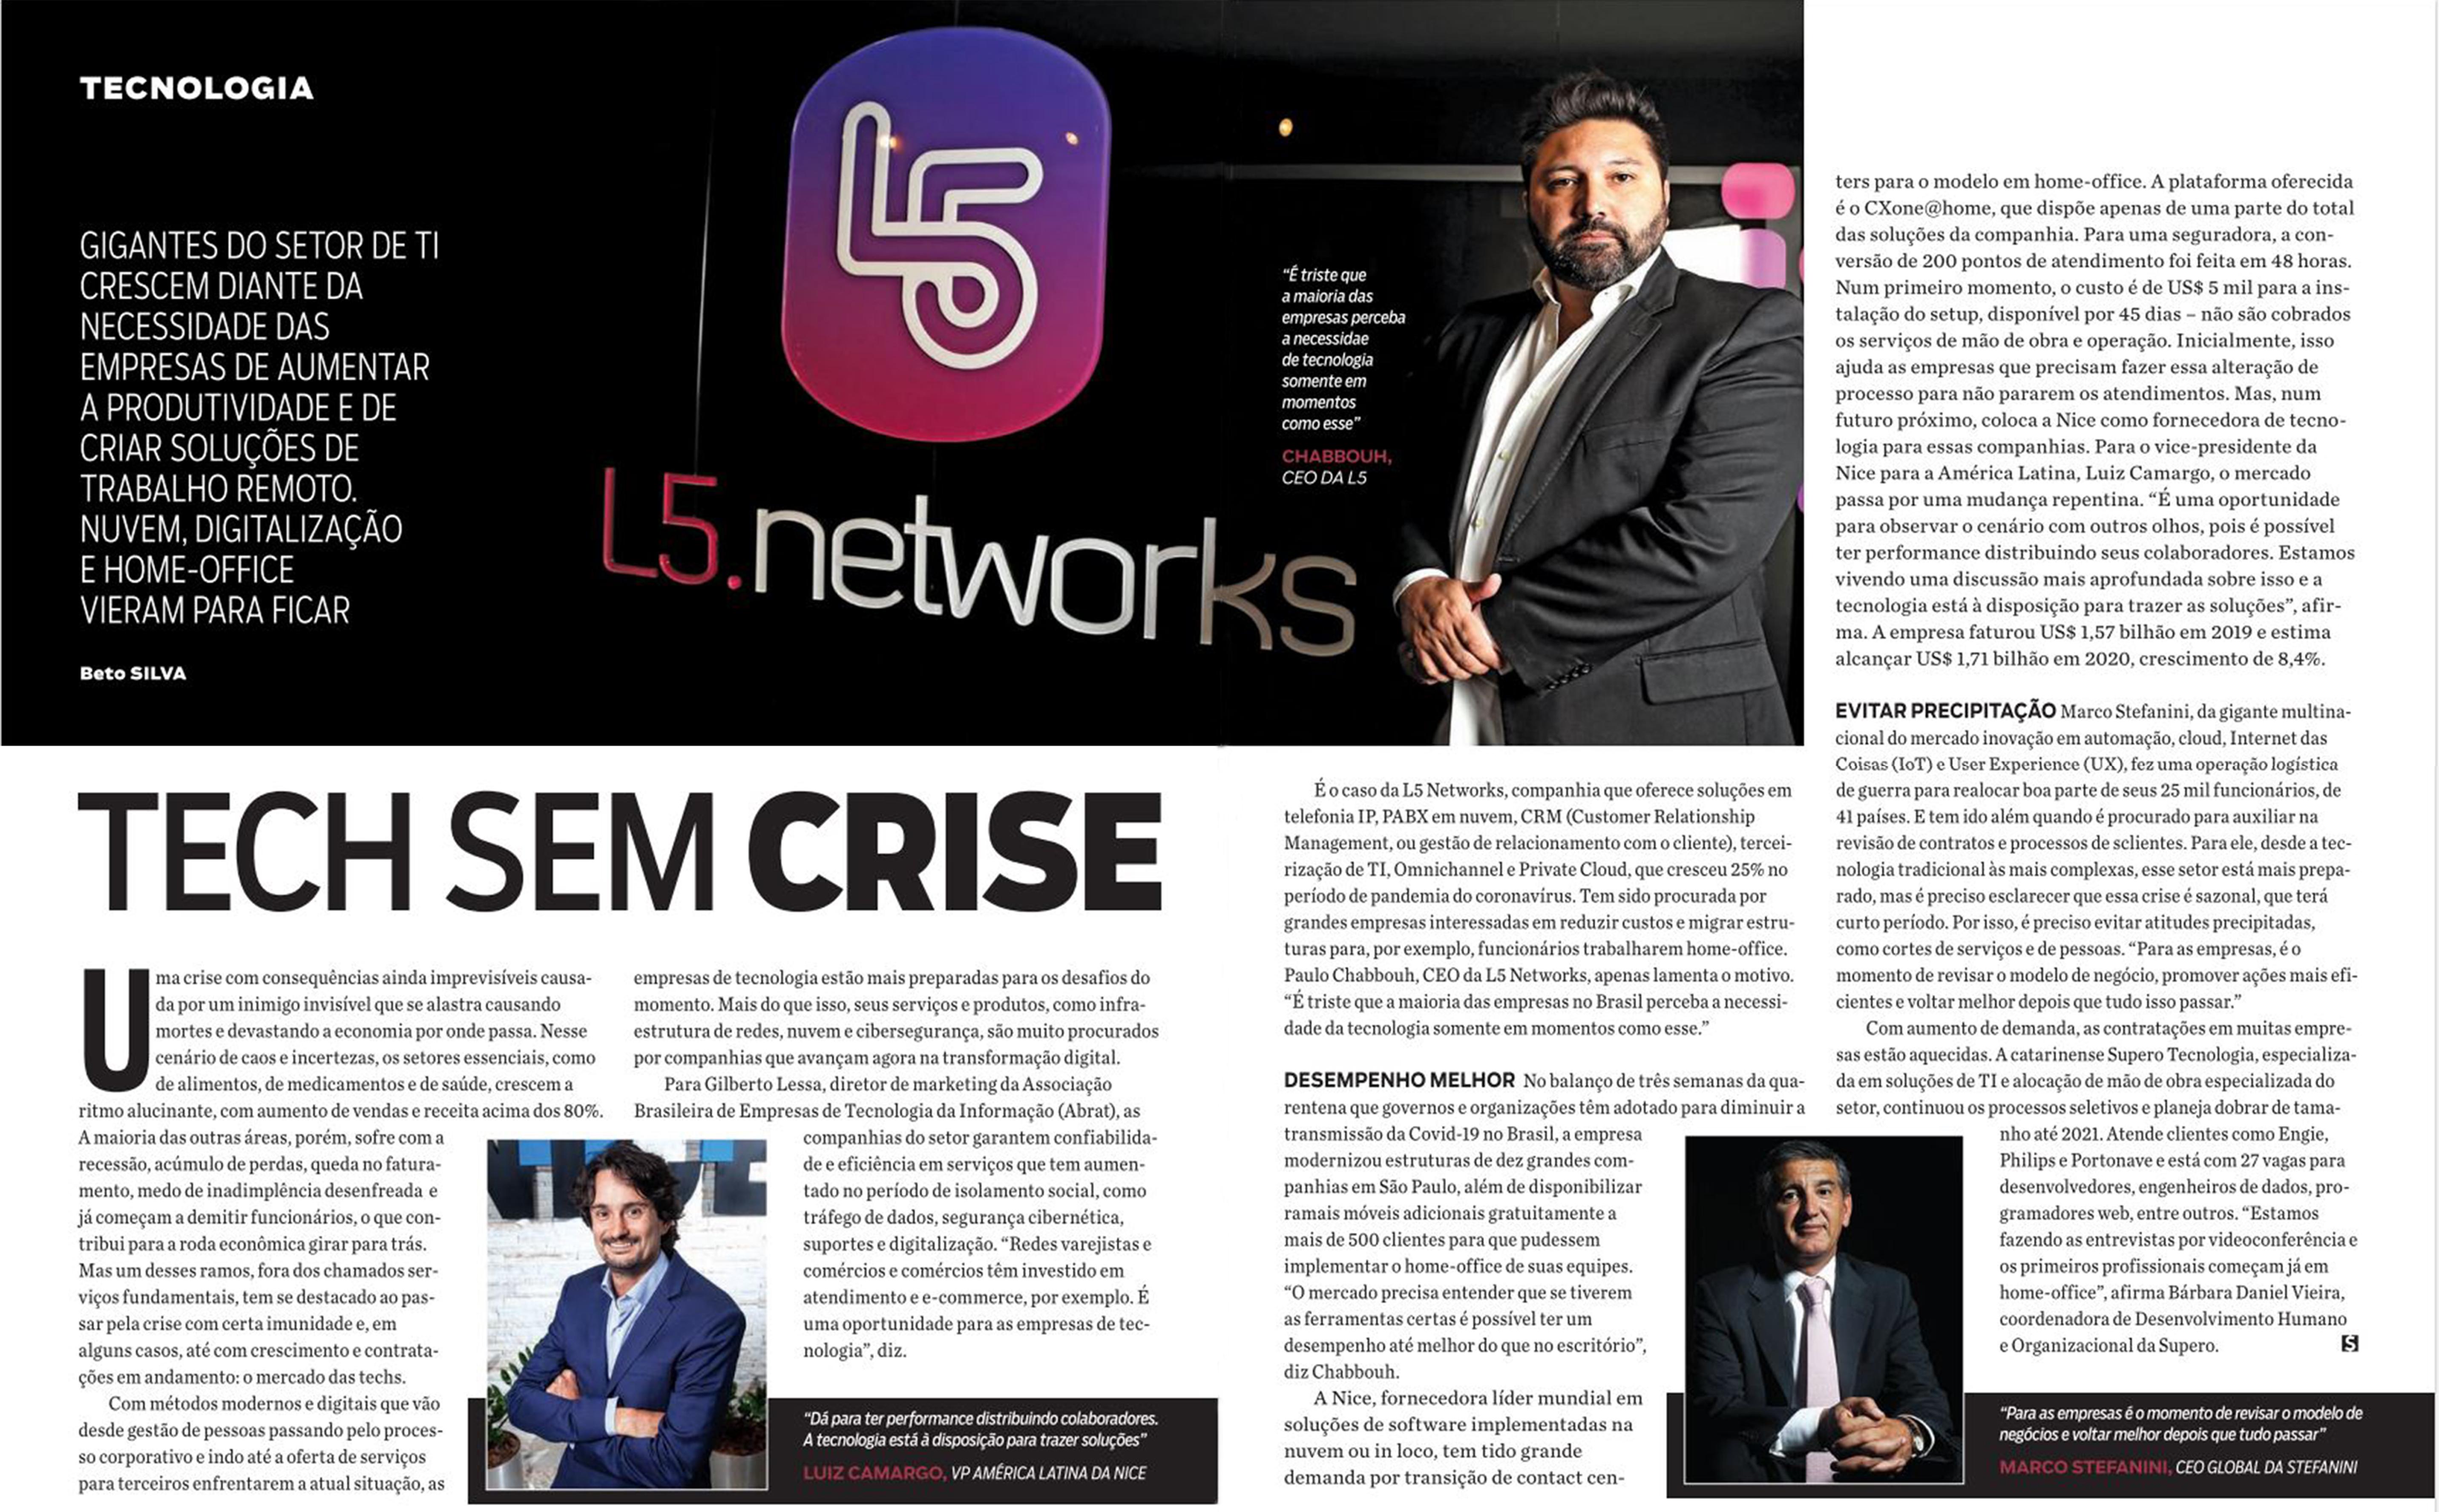 L5 Networks é destaque na IstoÉ Dinheiro